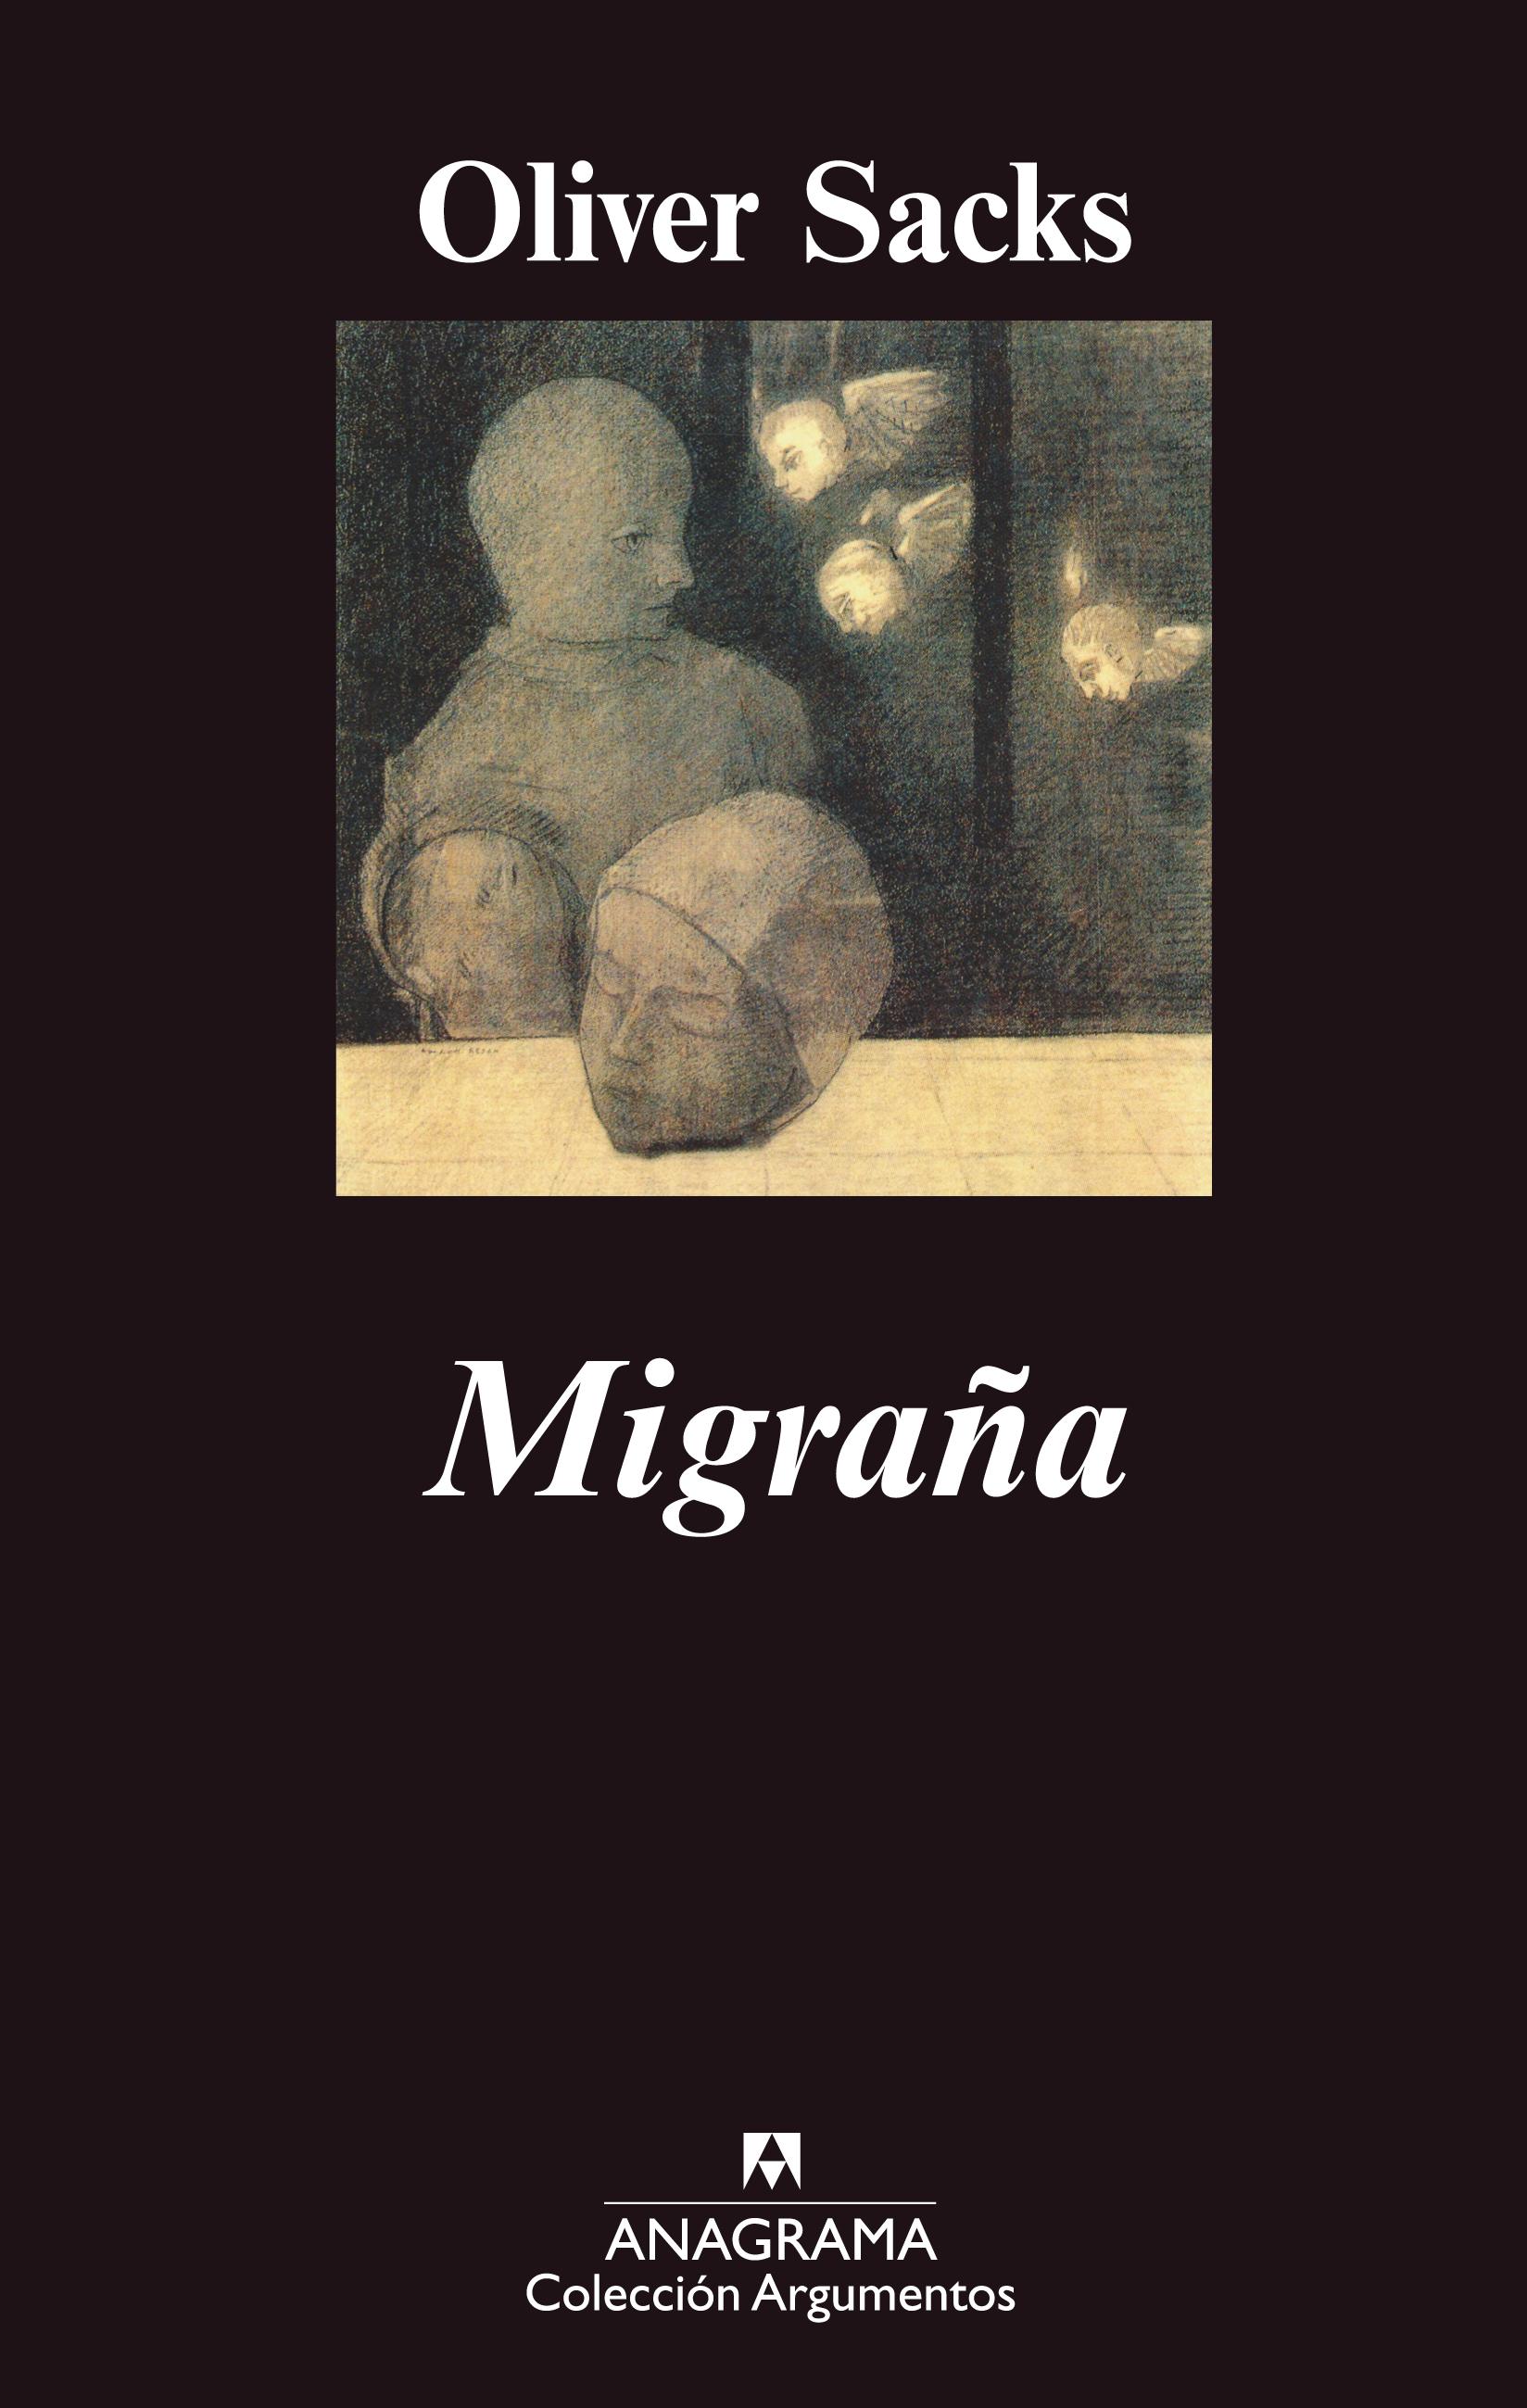 Resultado de imagen para migraña oliver sacks